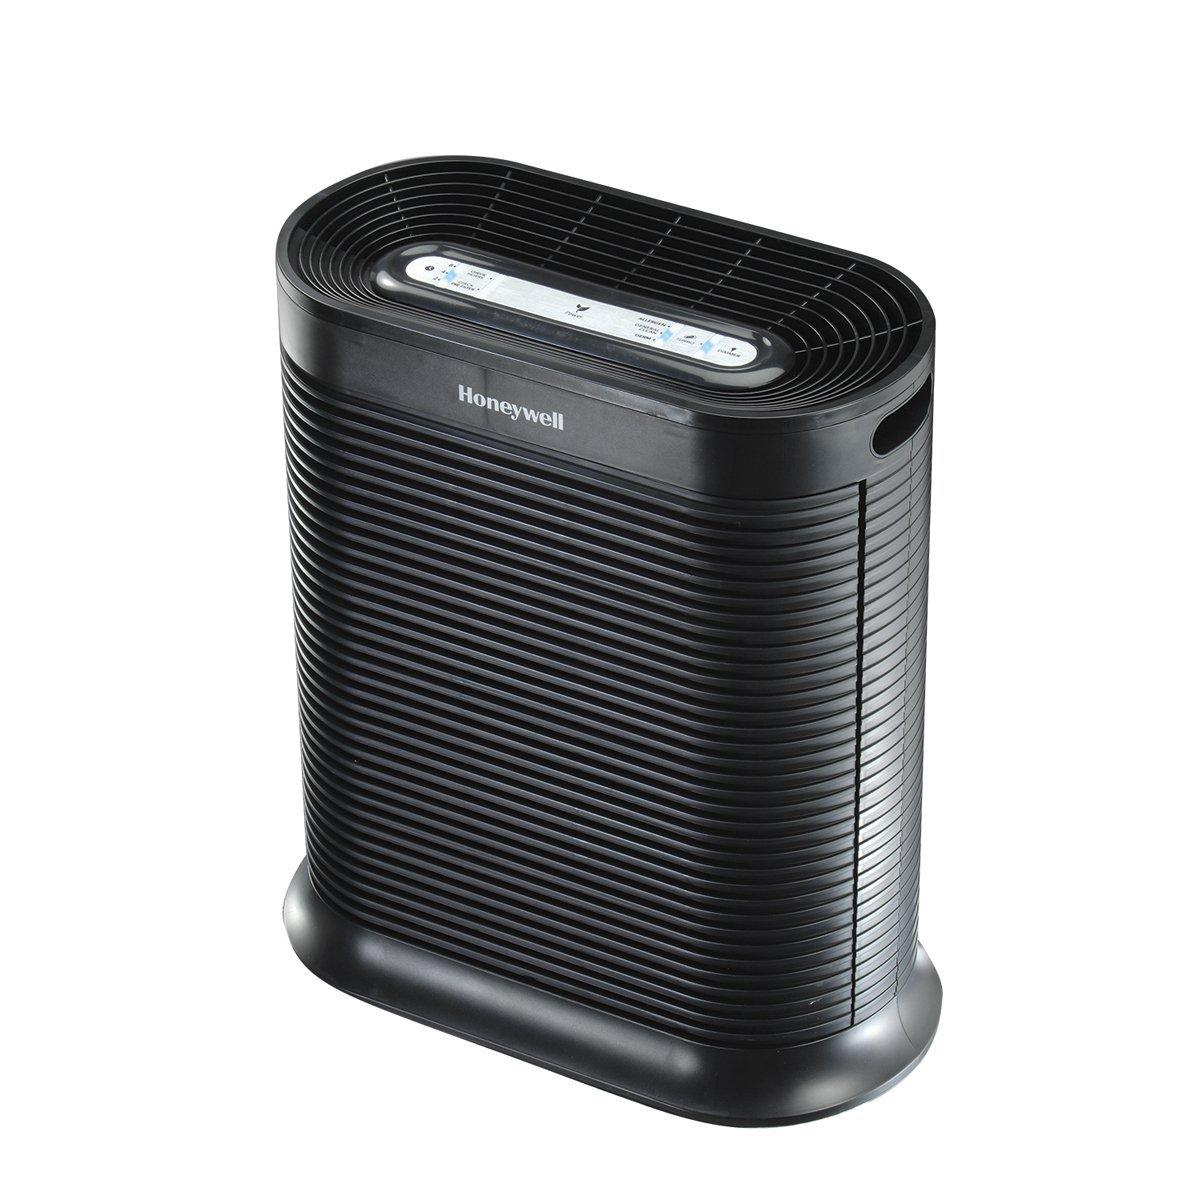 [洋粑粑US代购空气净化,氧吧]Honeywell霍尼韦尔HPA30月销量0件仅售2750元